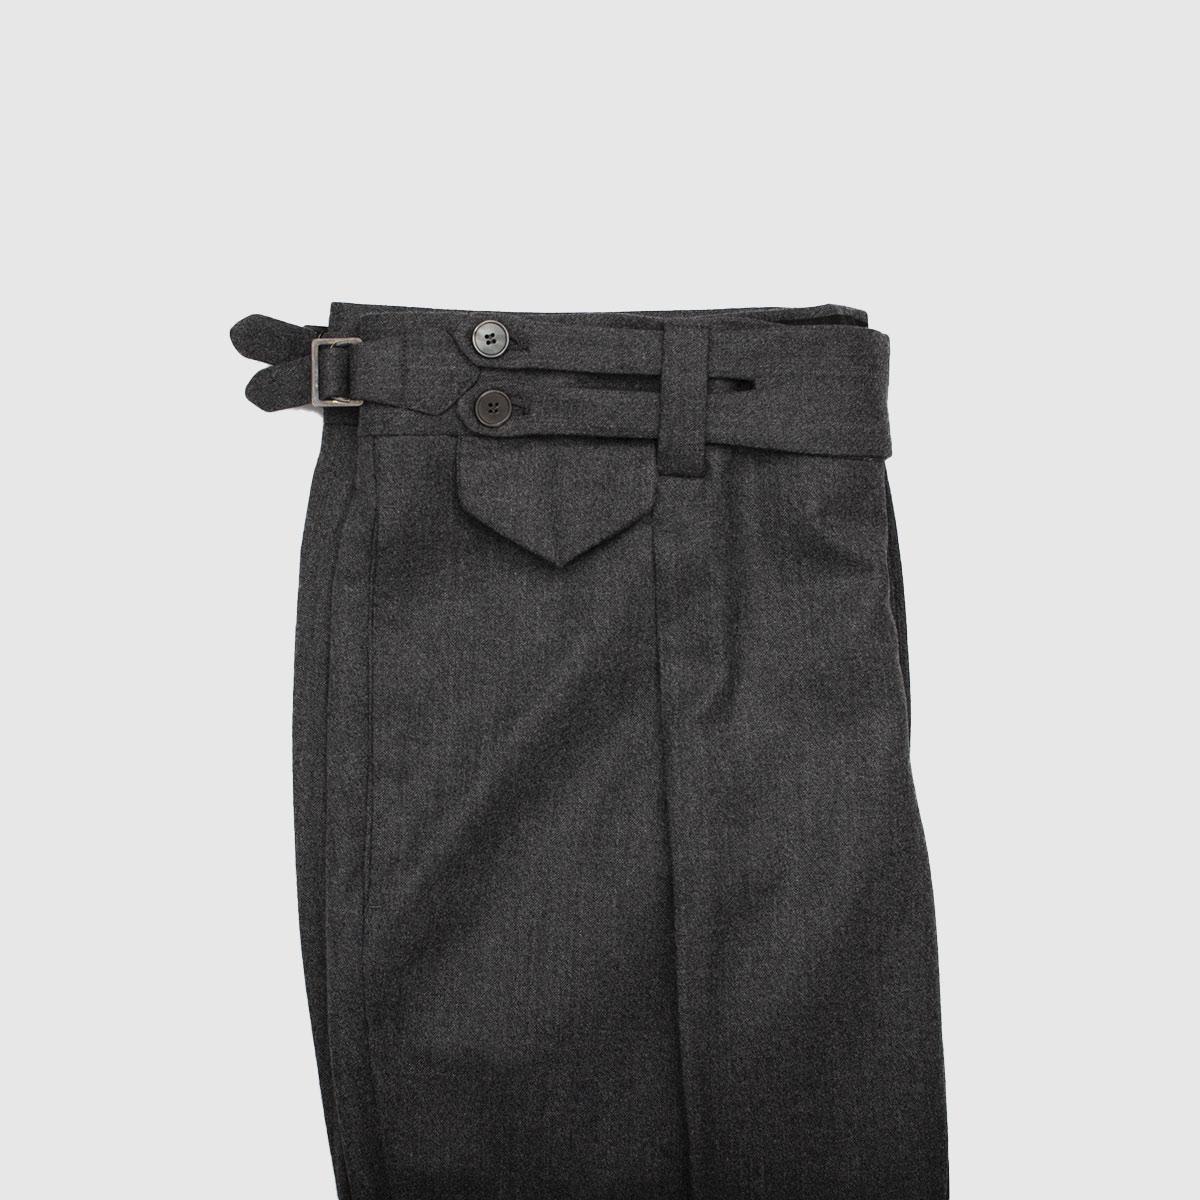 Pantalone 1 Pience 100% Lana Grigio antracite